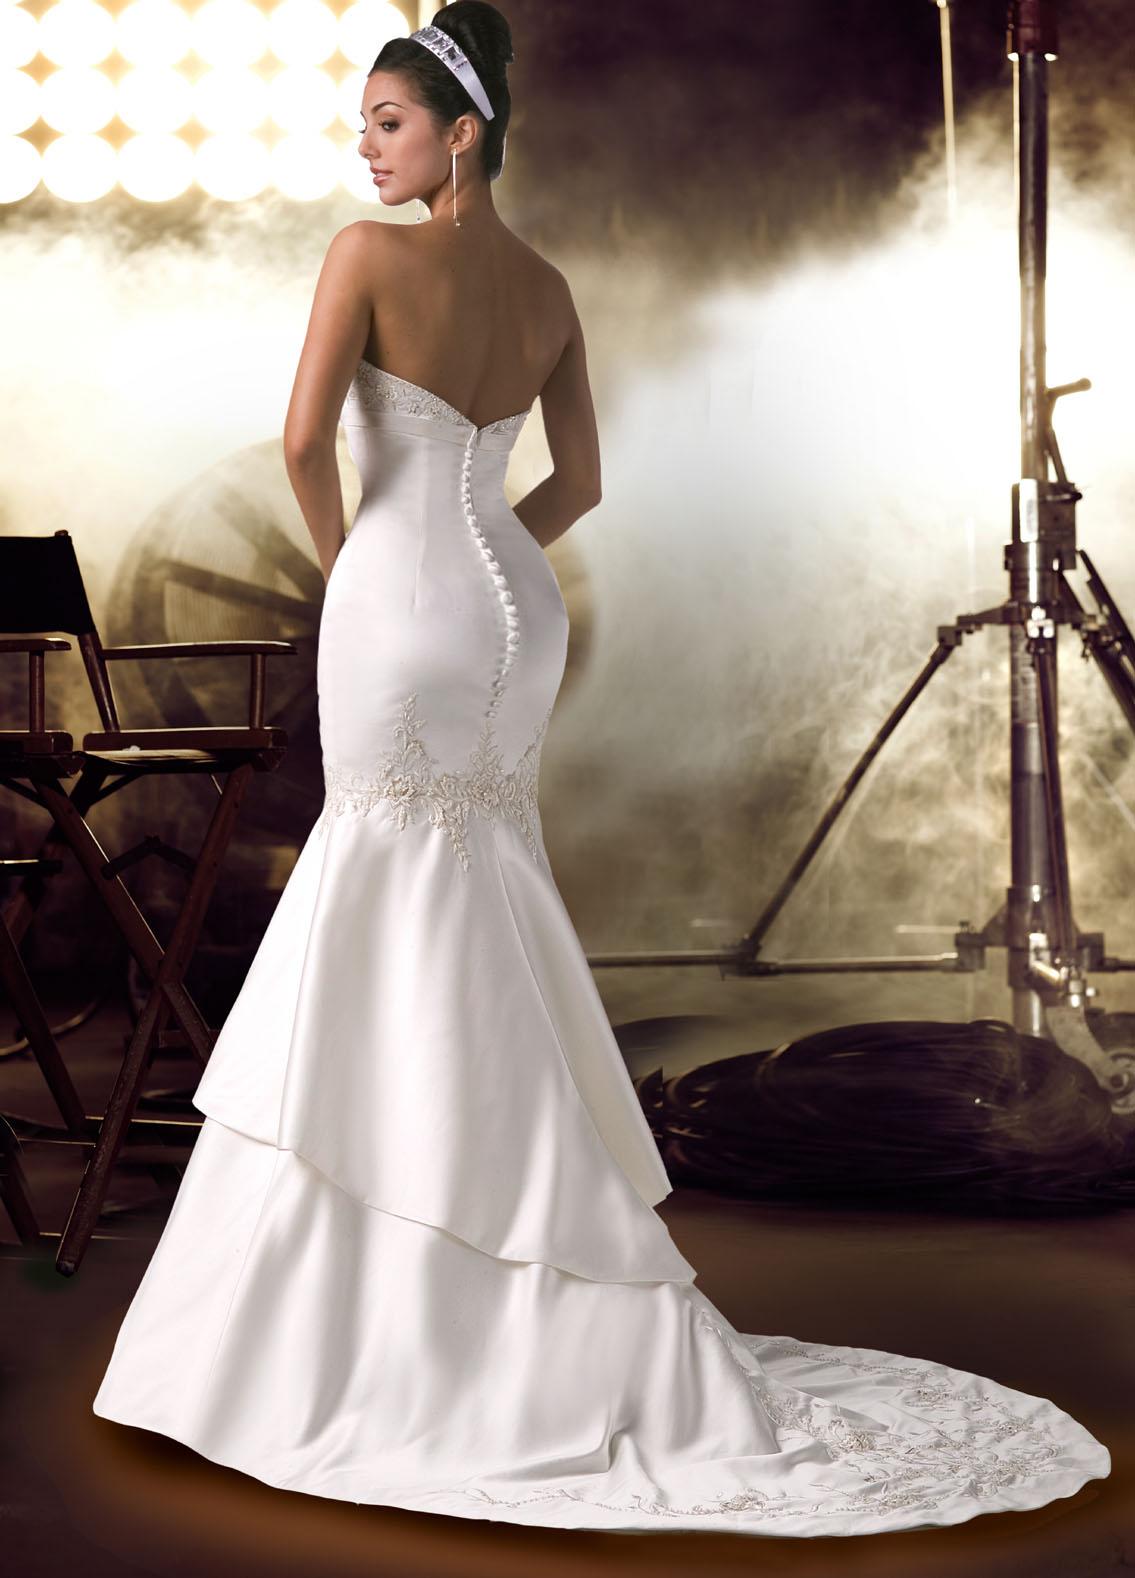 sexy+bride+(19).jpg